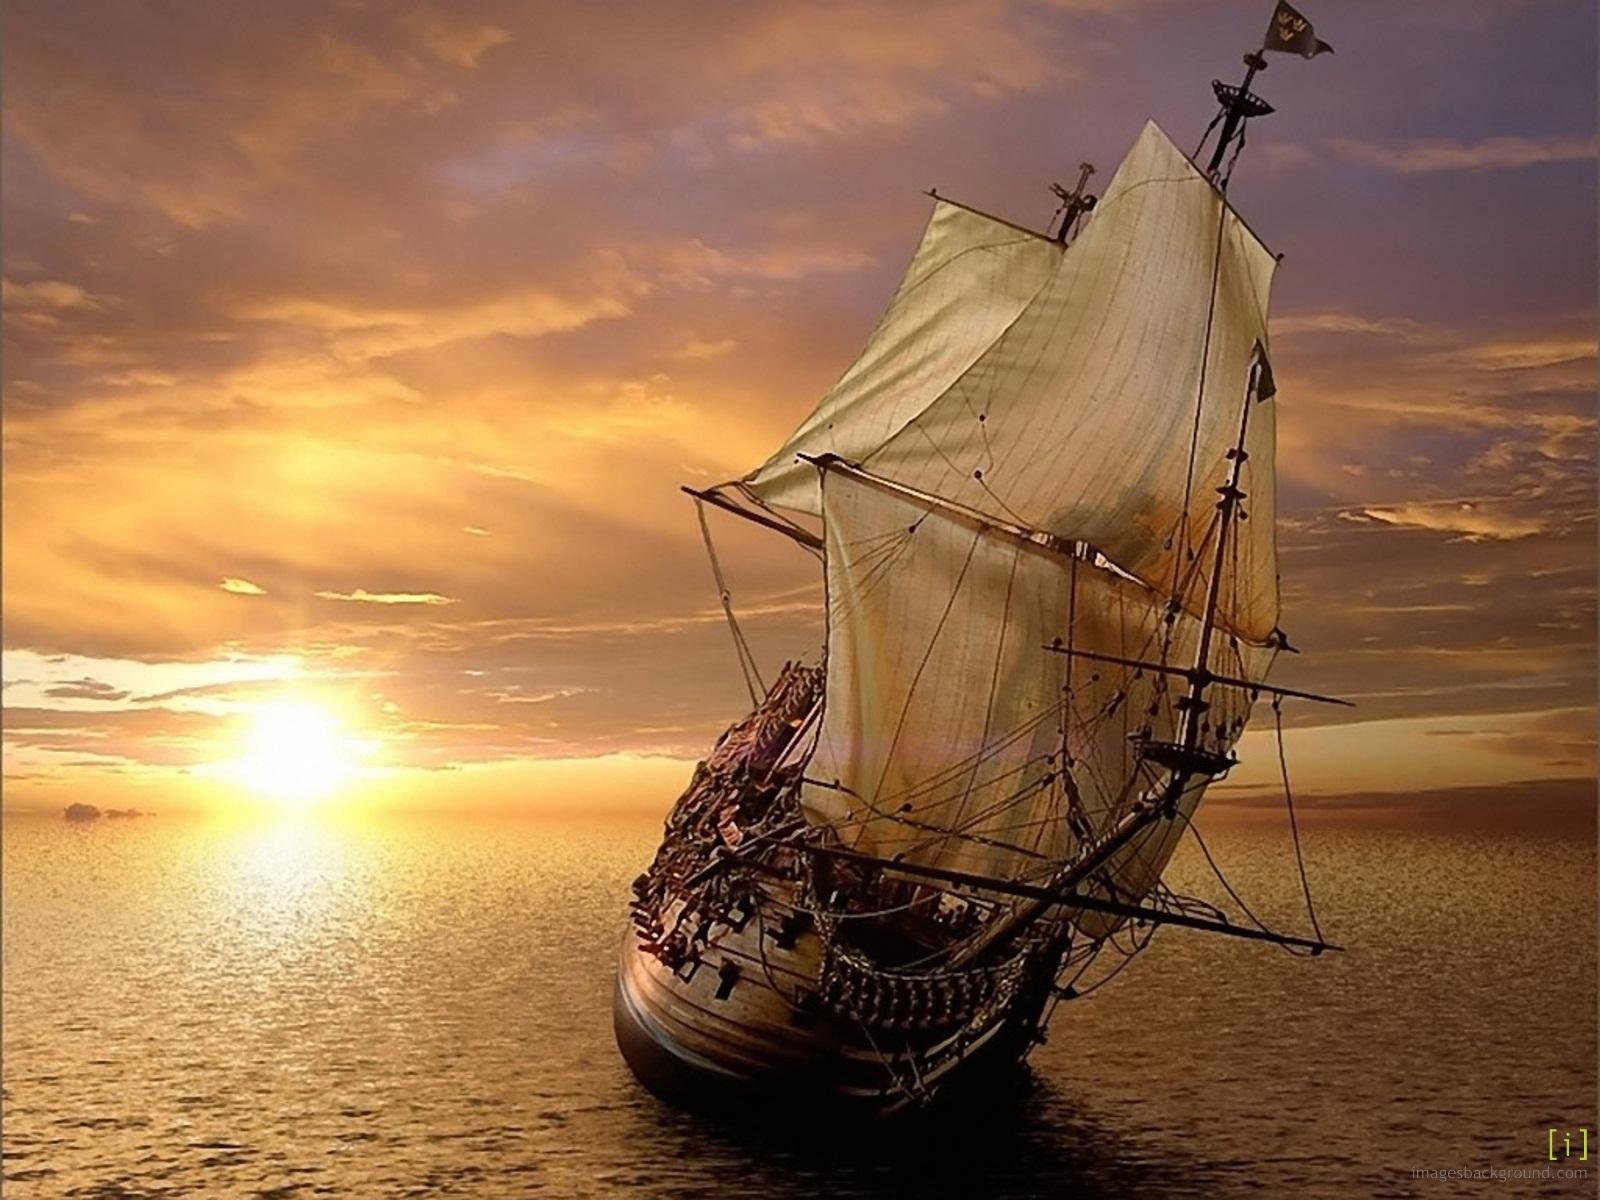 barcos antiguos wallpaper - photo #22